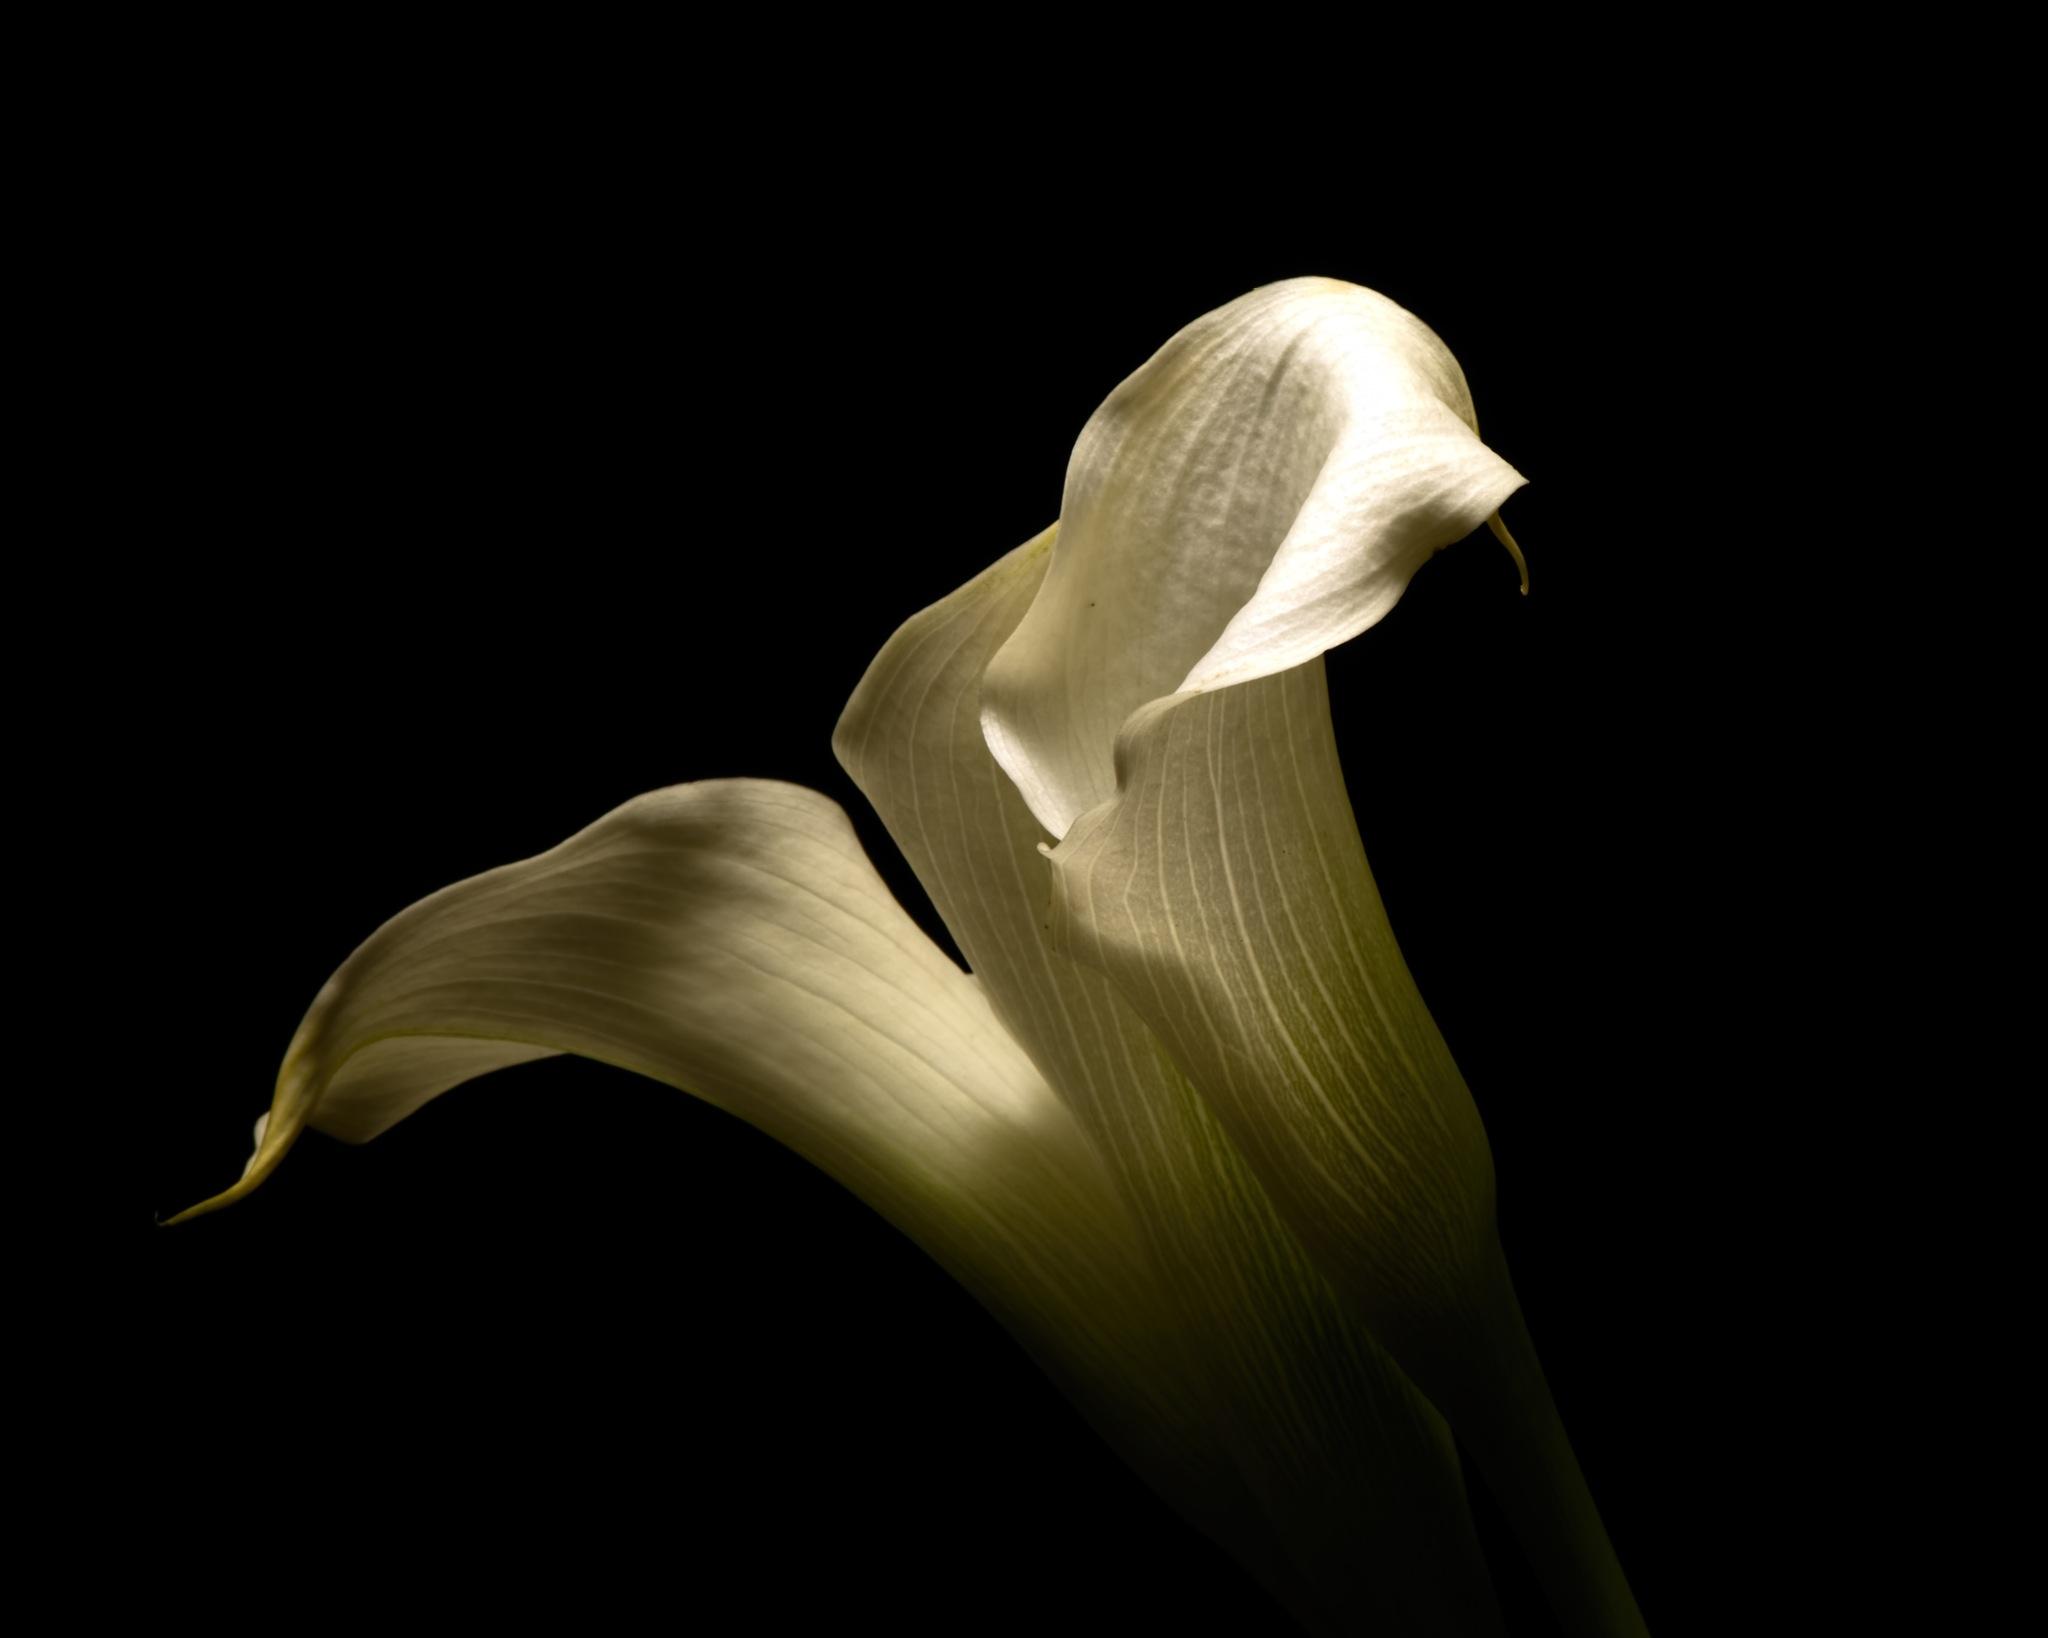 White Cala Lillies 1224 by ThomasJerger